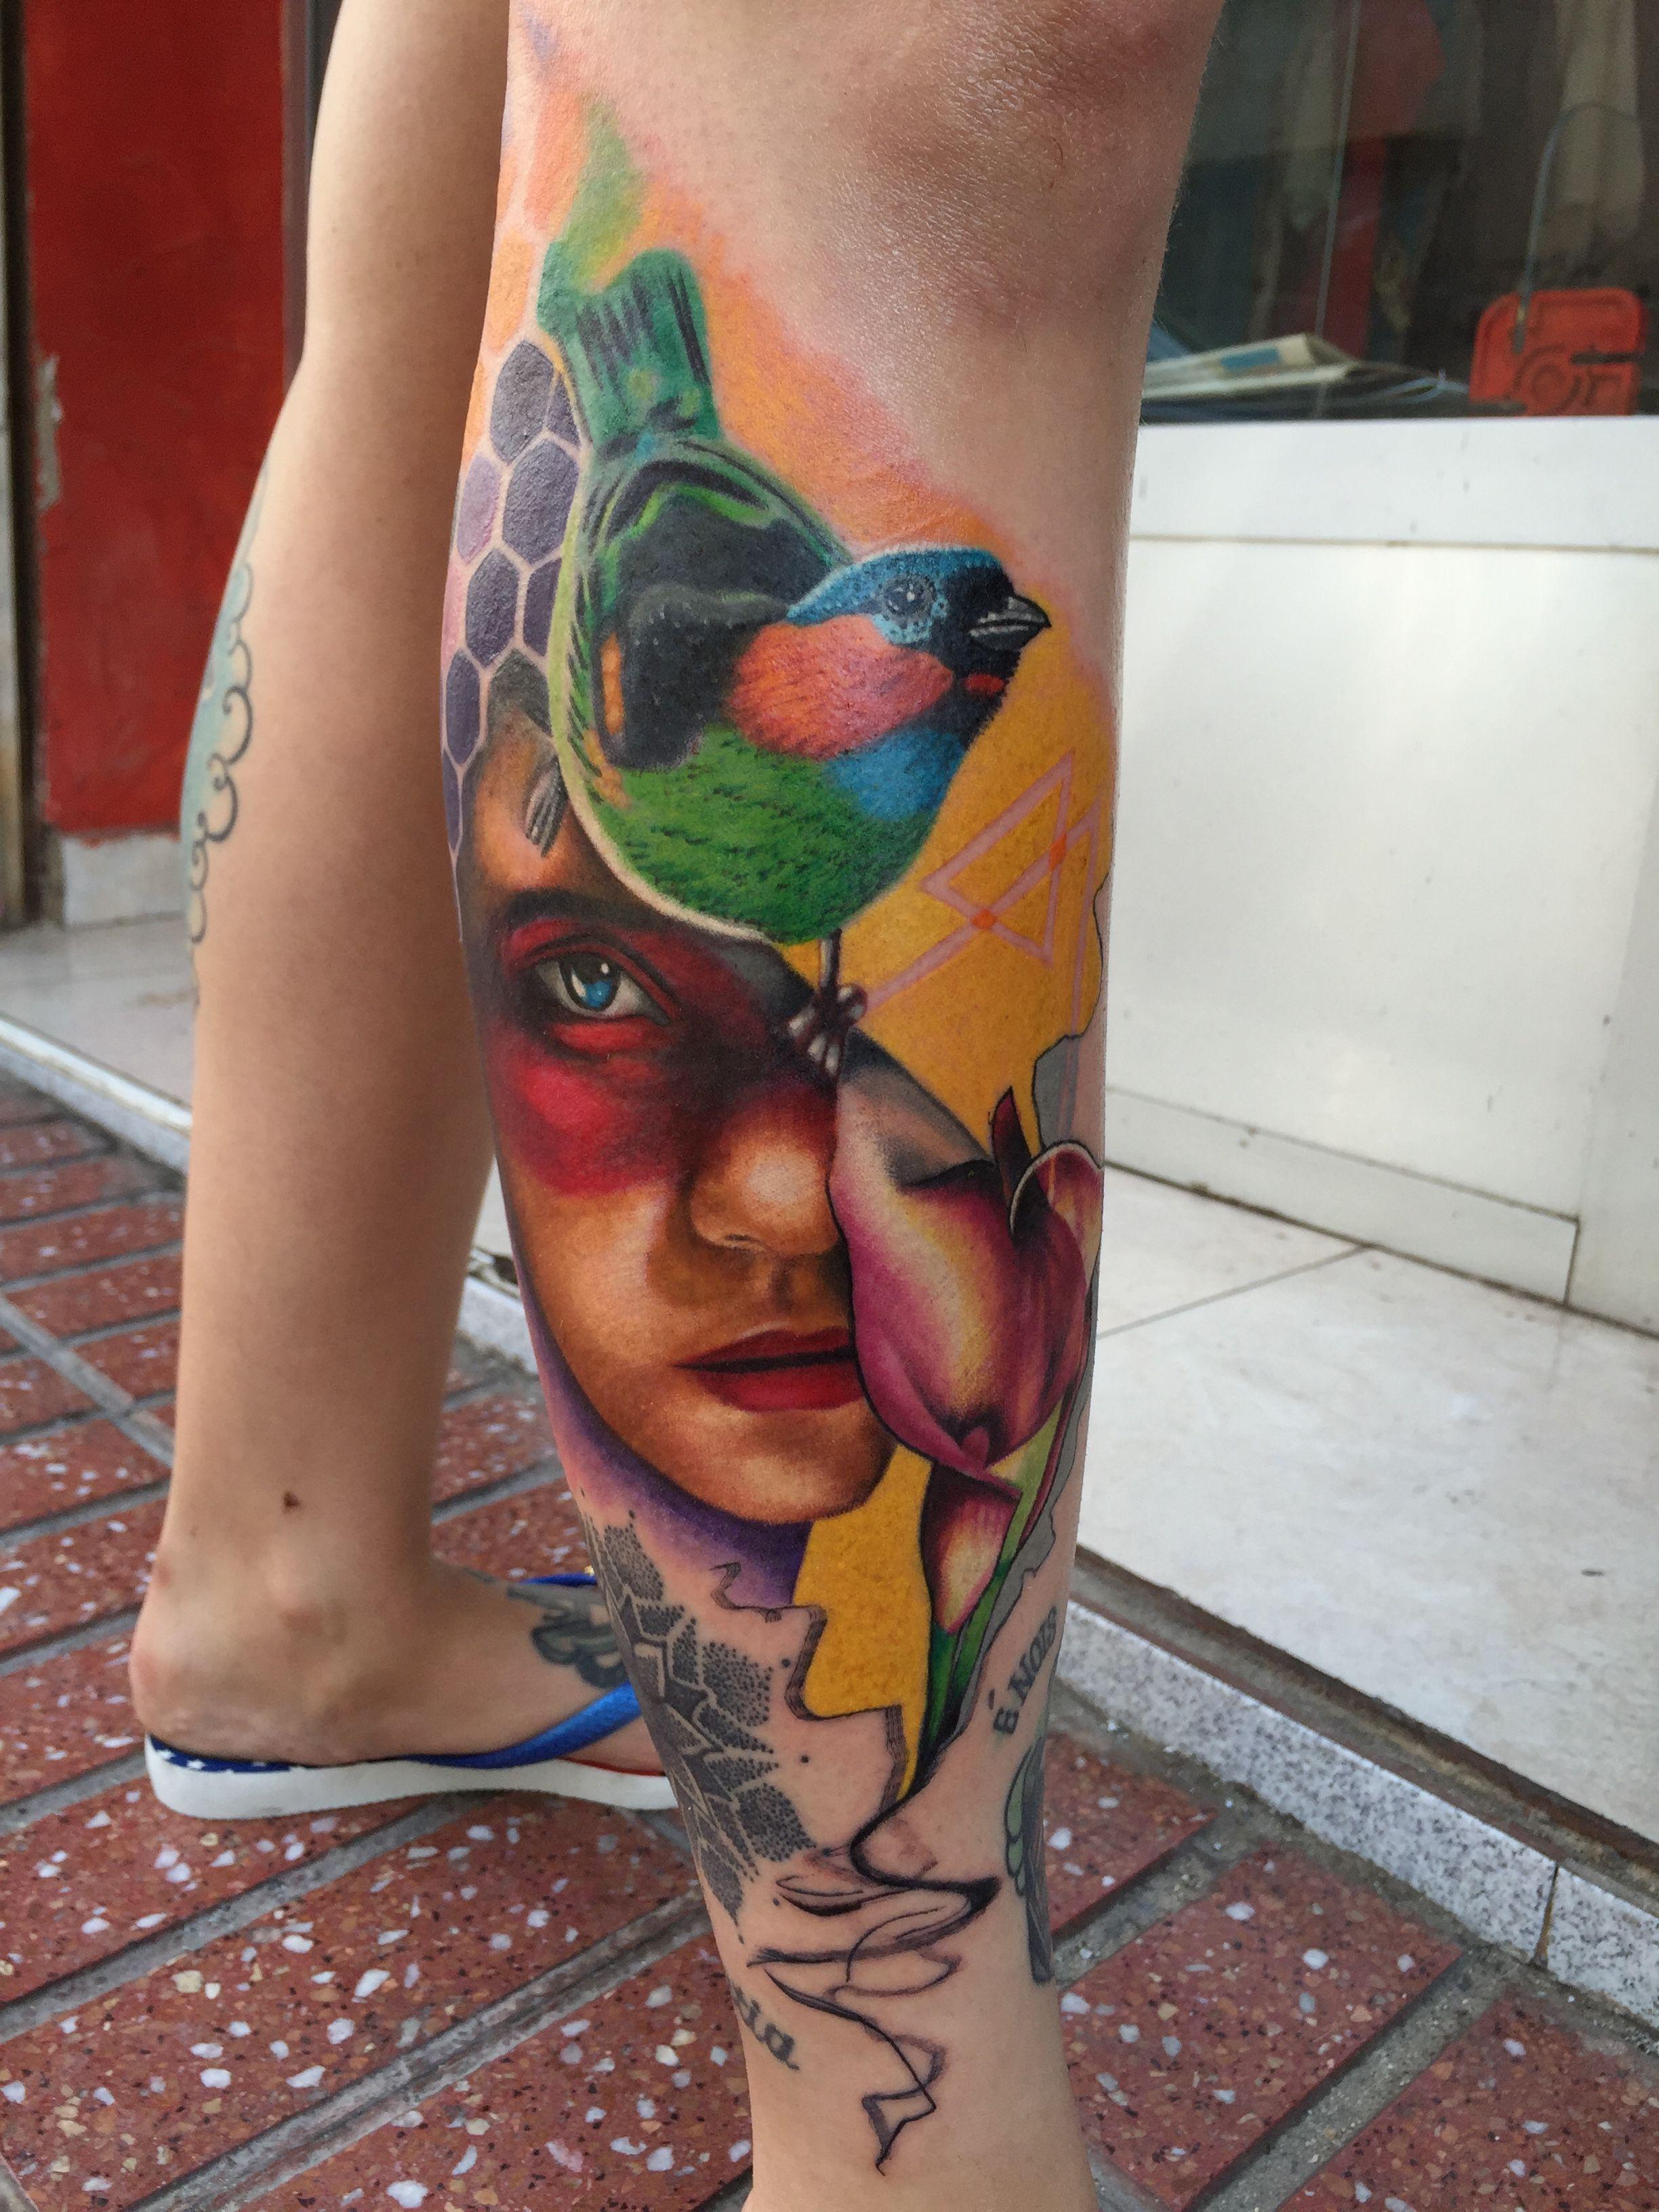 Cool tattoos for a girl tatuagem koala tatuaje tattoo girl inked ink bird  tattoos